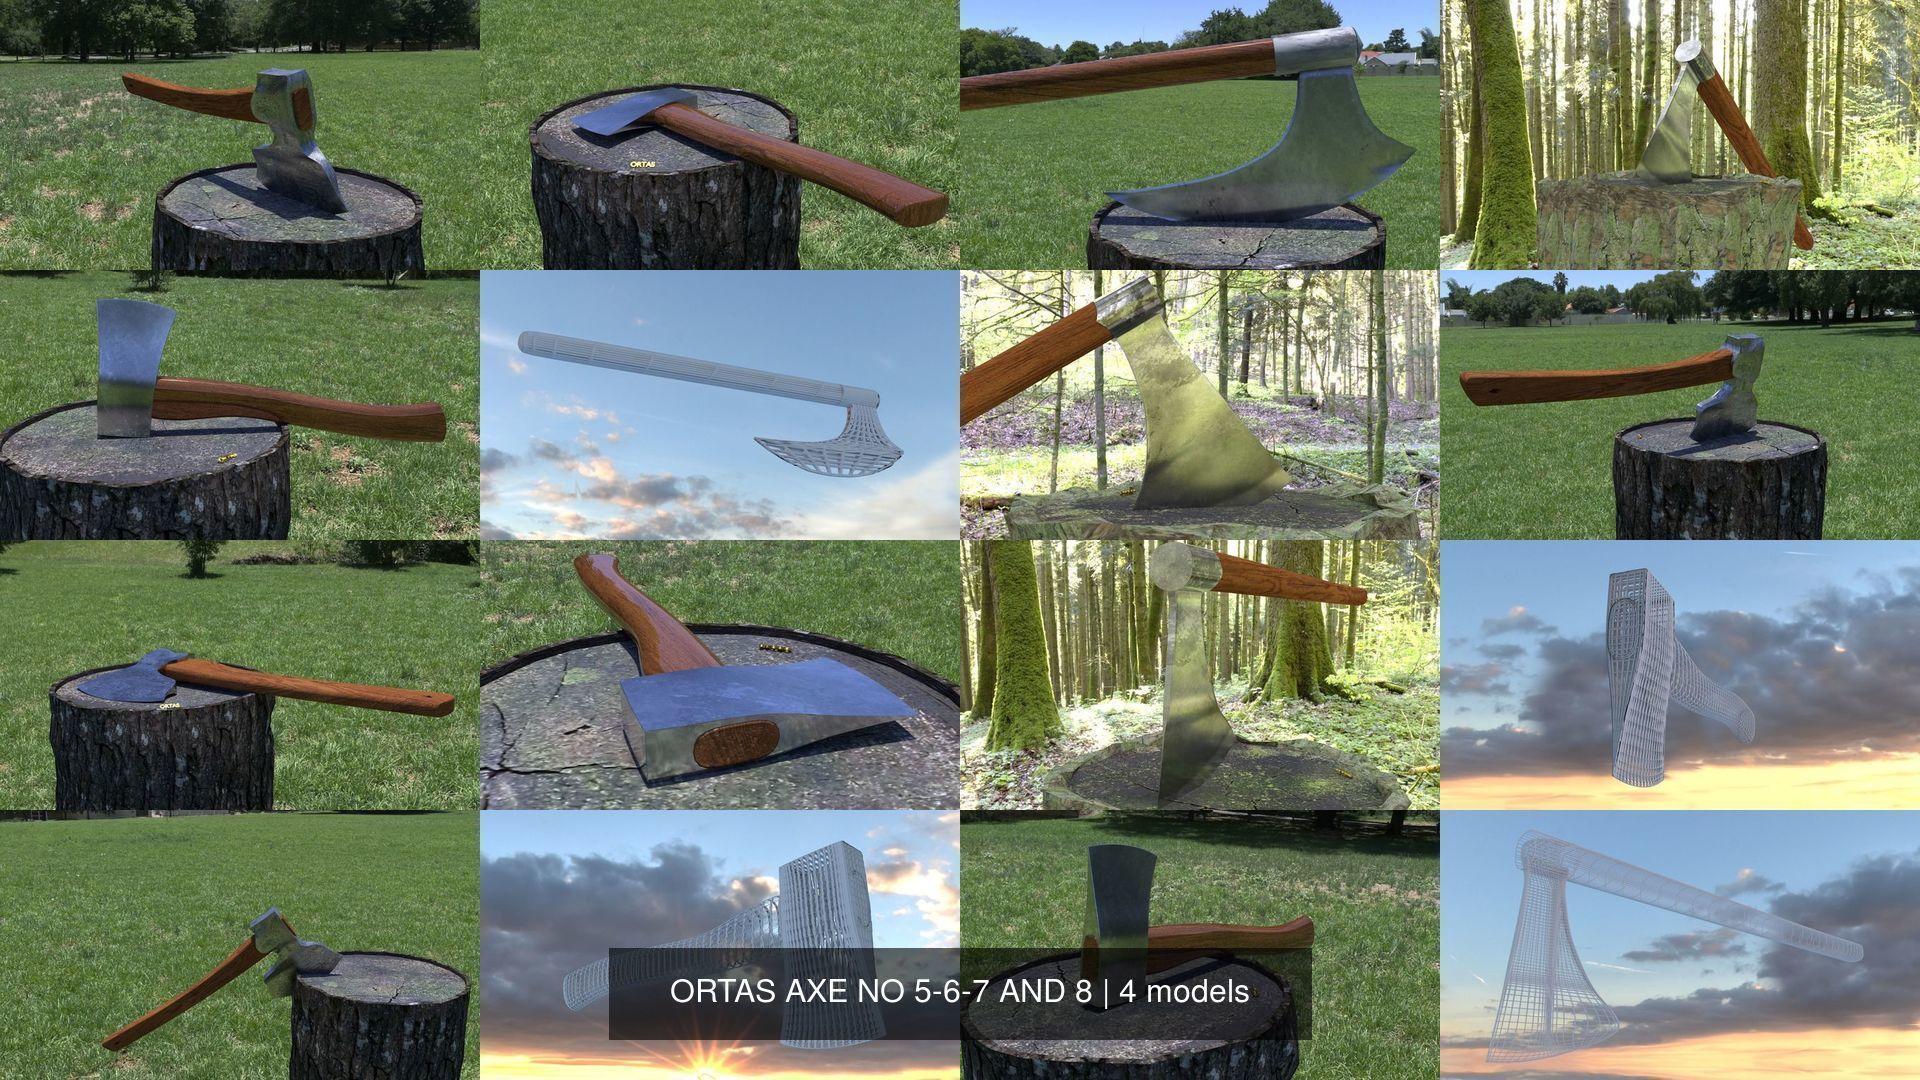 ORTAS AXE NO 5-6-7 AND 8